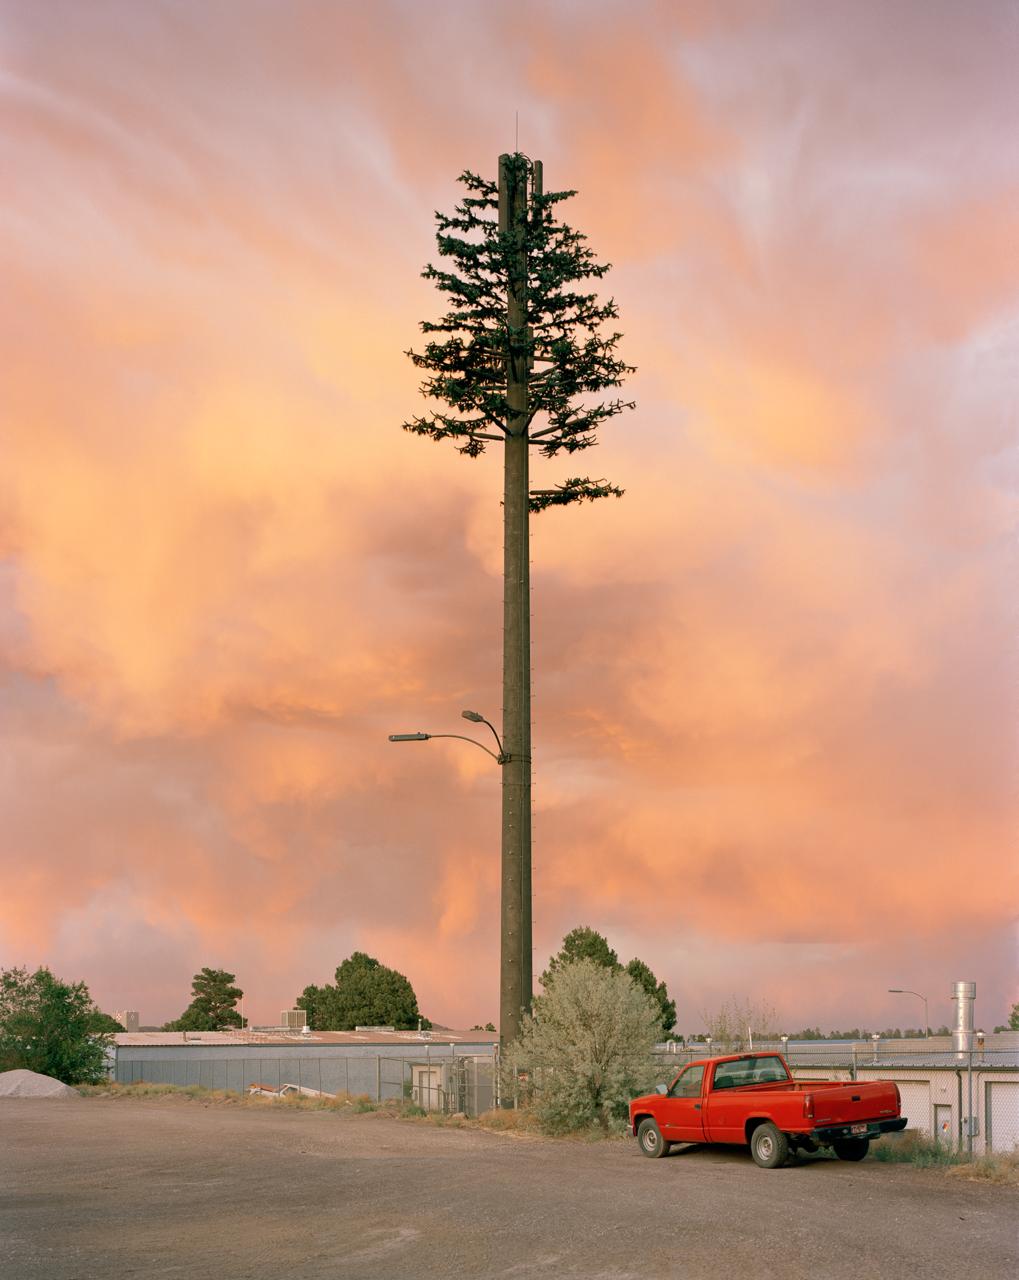 Abbildung einer Fotografie von Robert Voit, auf der im Sonnenuntergang ein als Baum getarnter Mast zu sehen ist.